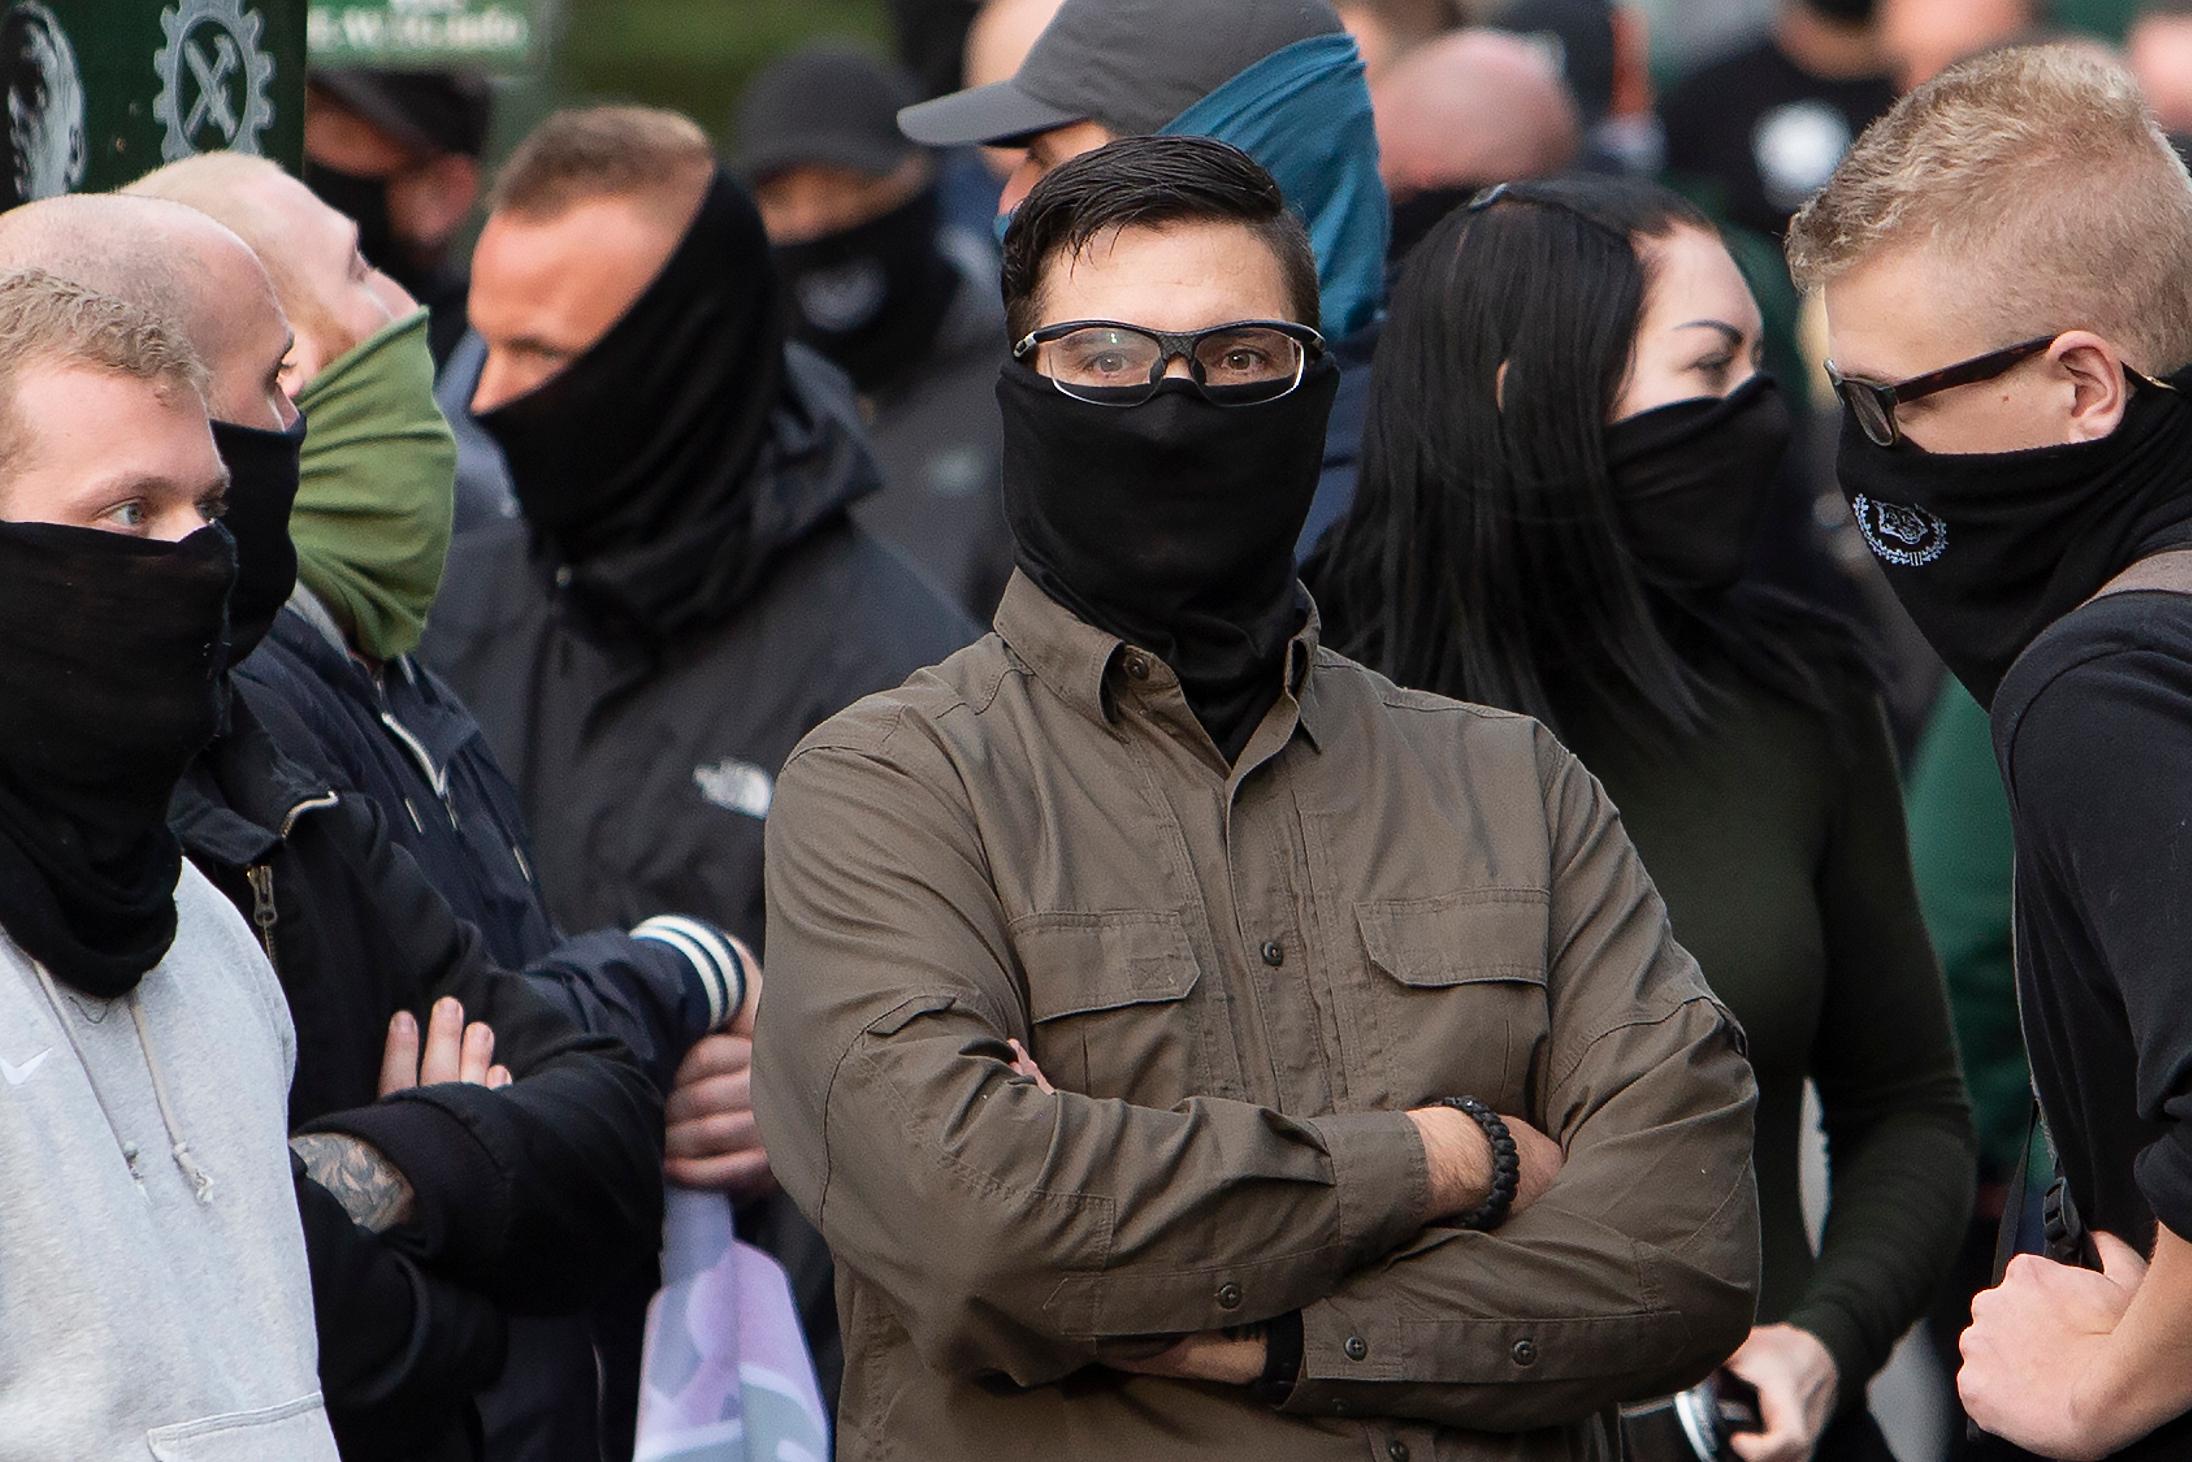 Få dage inden retssagen begyndte deltog Jacob Vullum Andersen sammen med nazister fra resten af Skandinavien i en demonstration i Berlin afholdt af det tyske naziparti Der Dritte Weg. Foto: Redox.